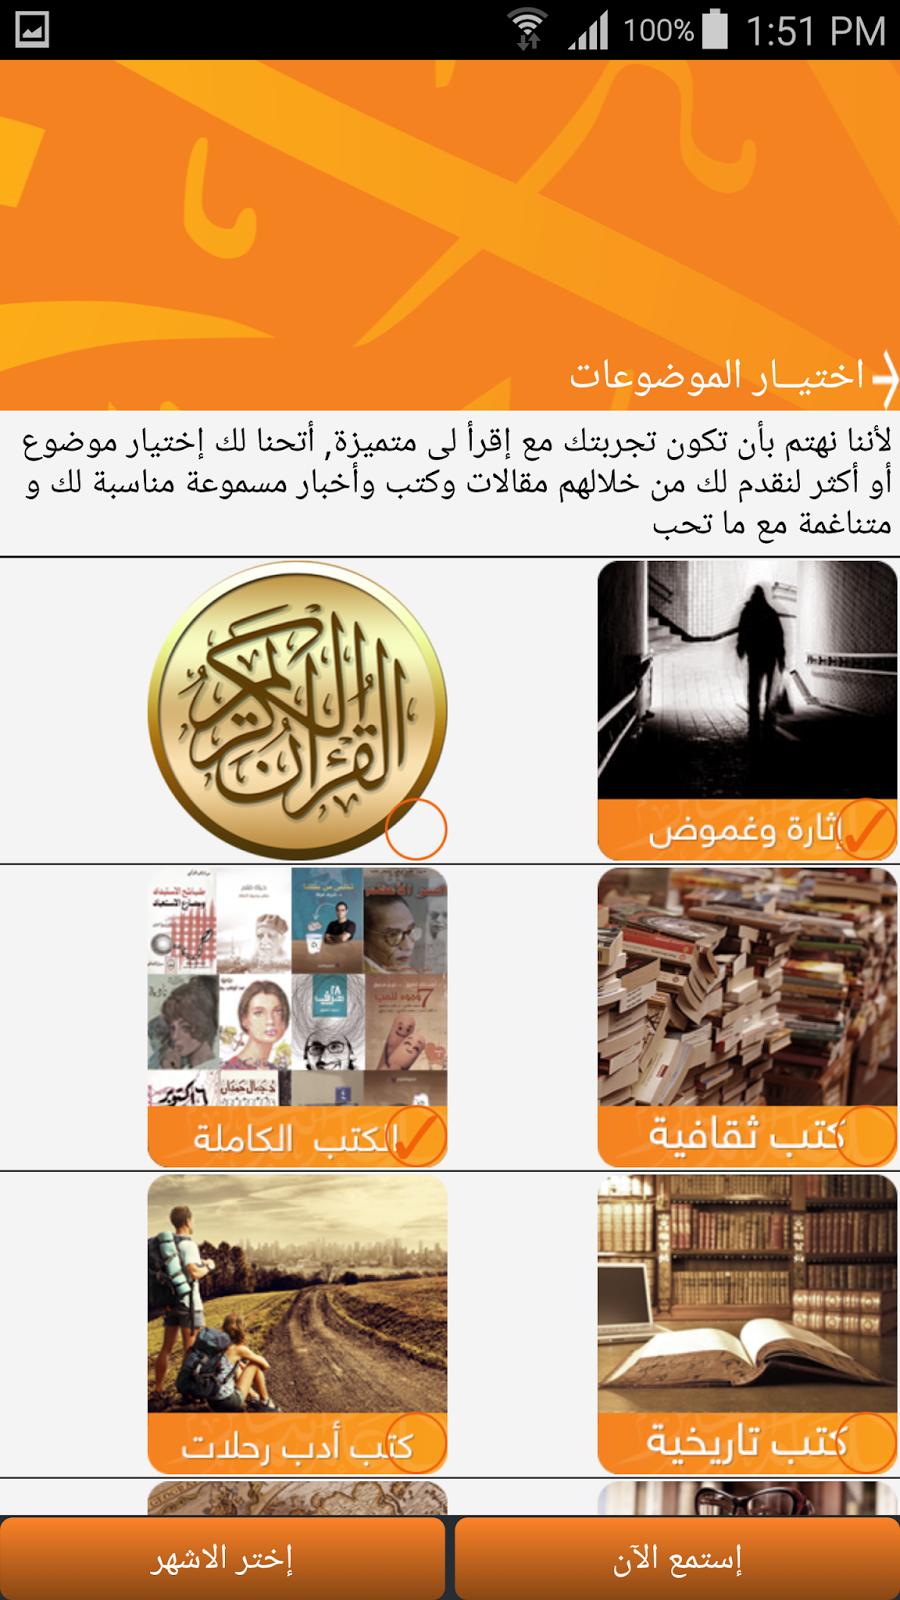 تطبيق اقرأ لي للاستماع للاخبار الكتب المقالات بدلا من قراءتها | بحرية درويد